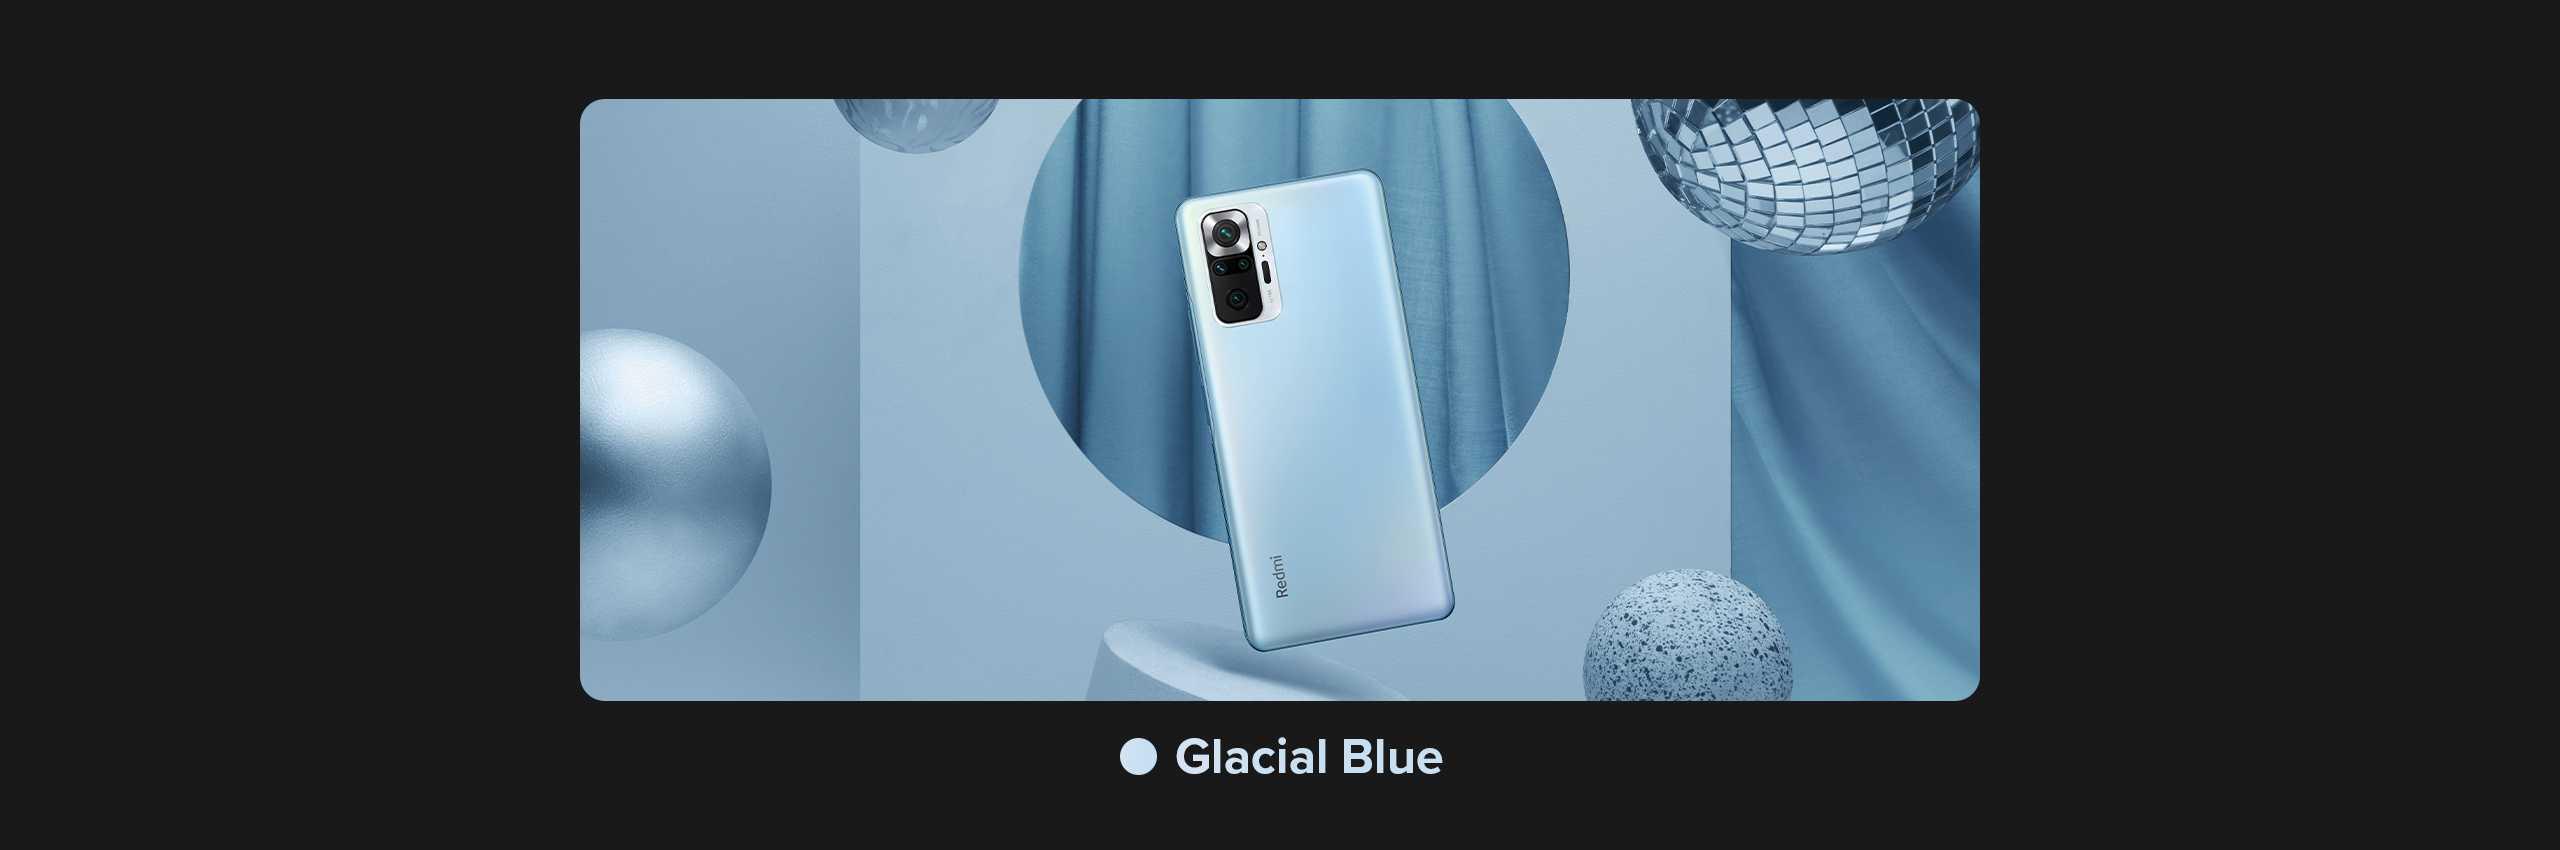 Redmi glacial blue